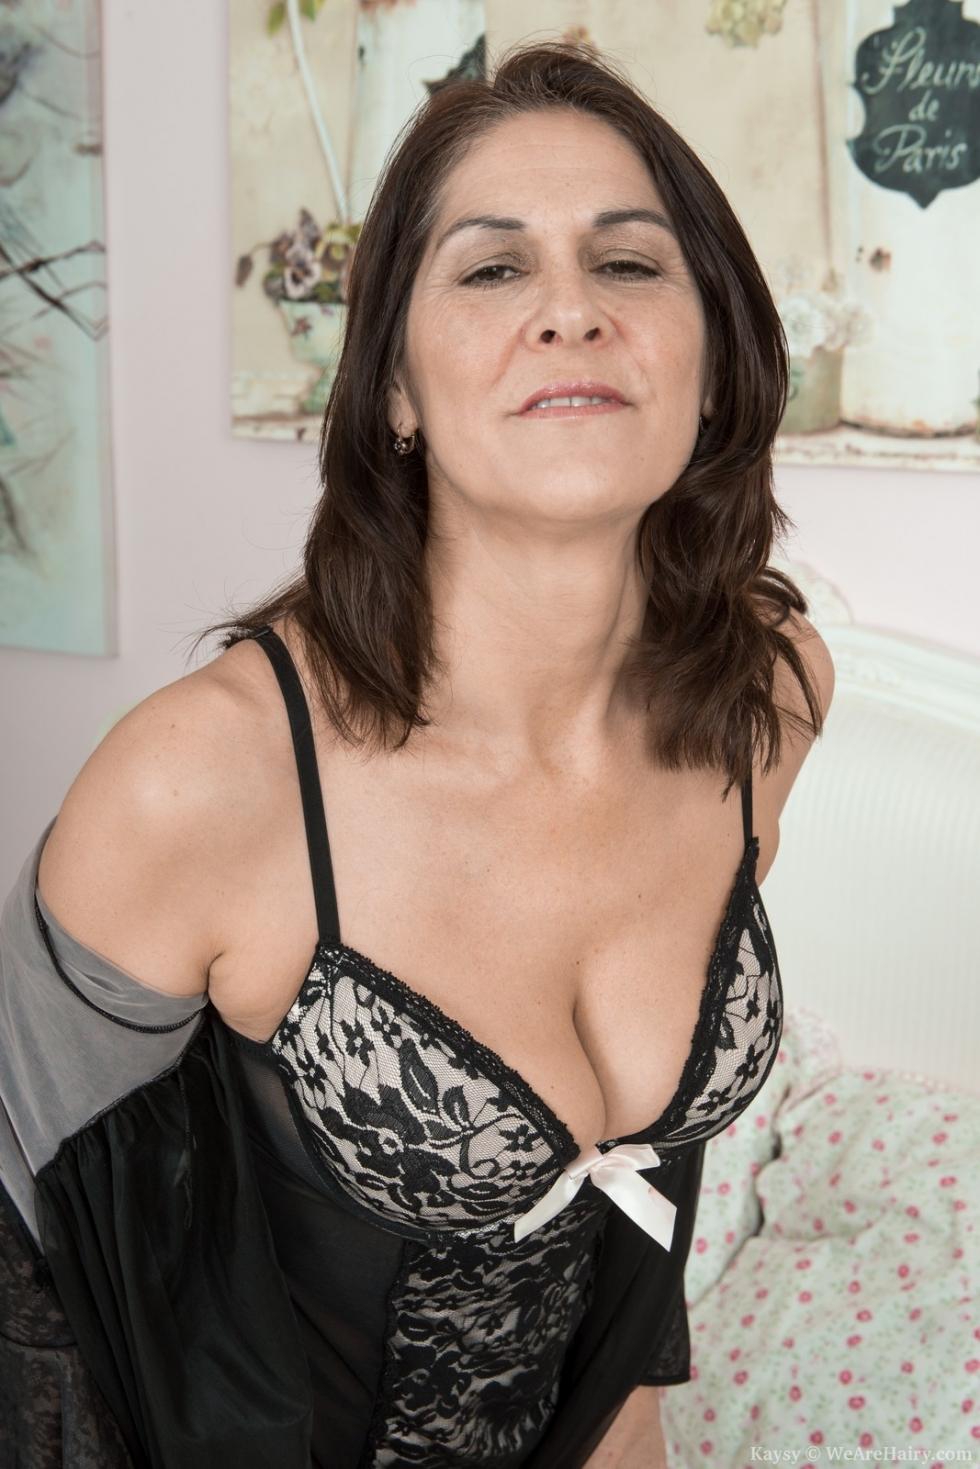 gugarathi girls sex videos watch